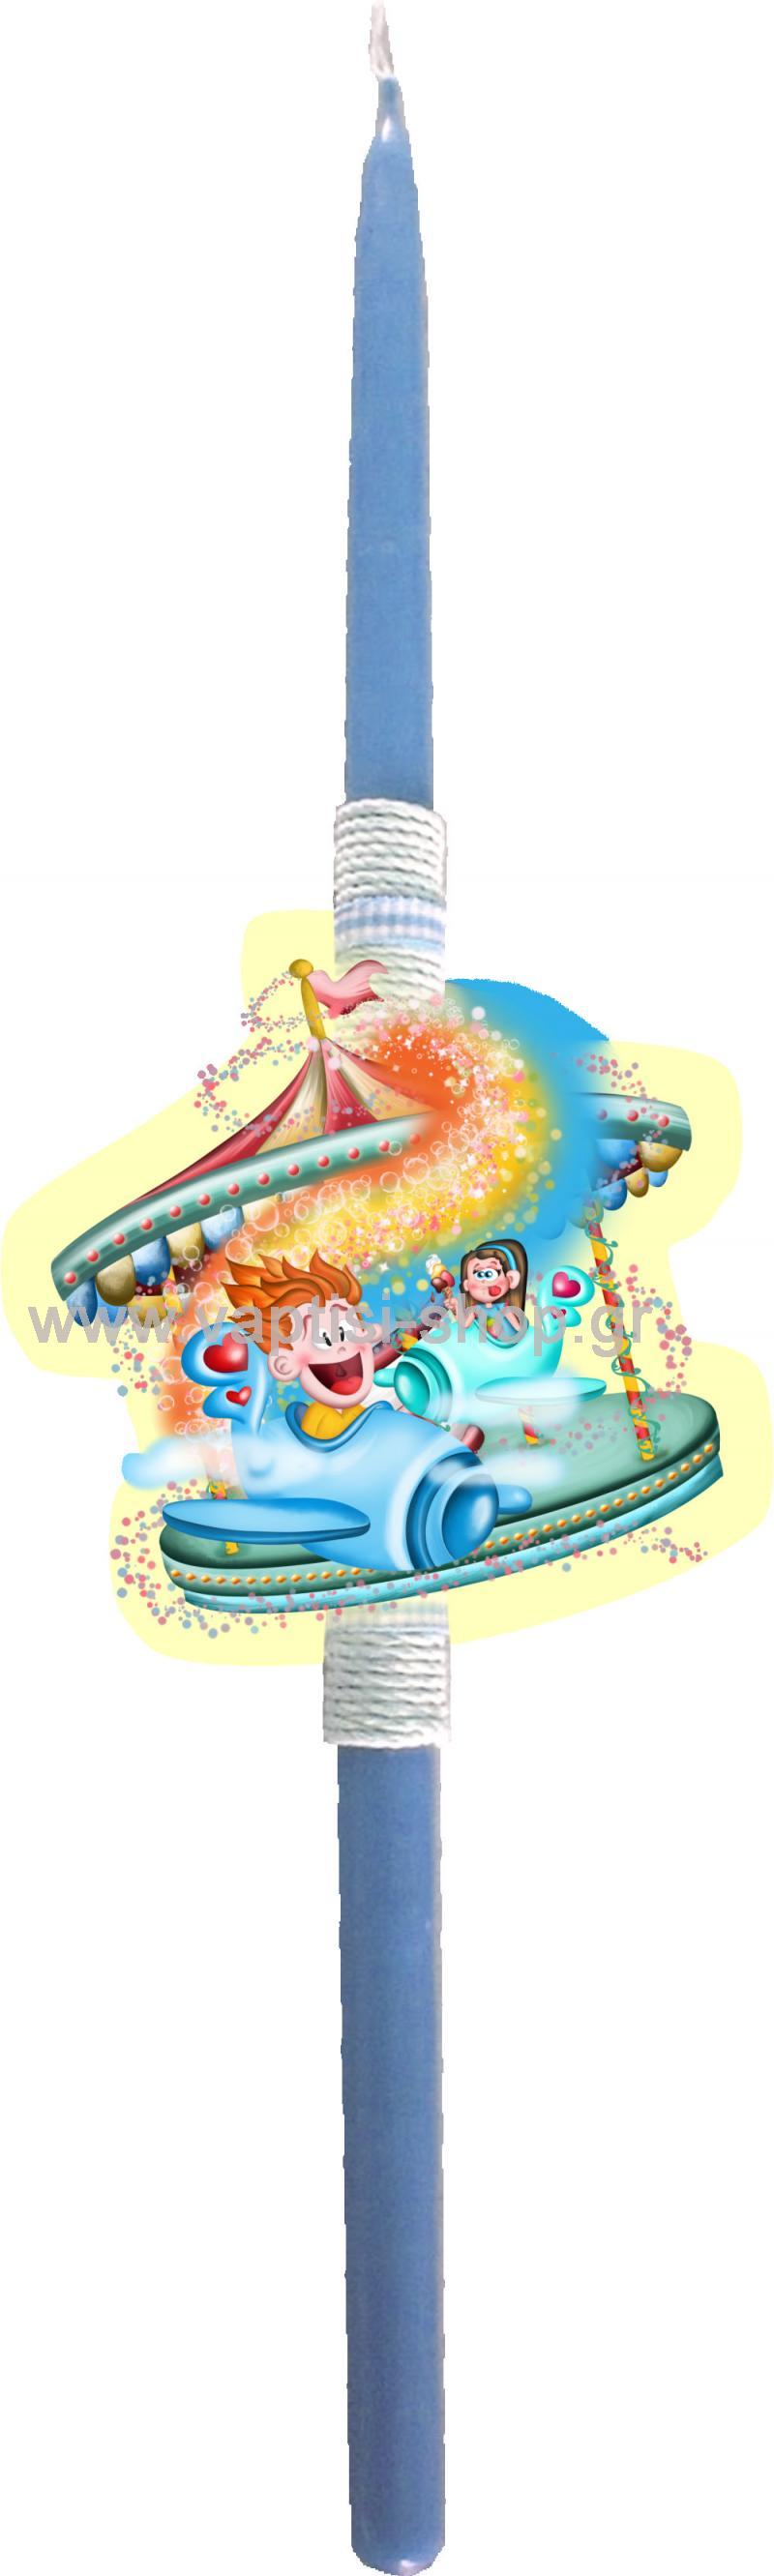 Πασχαλινή Λαμπάδα Luna Park 2